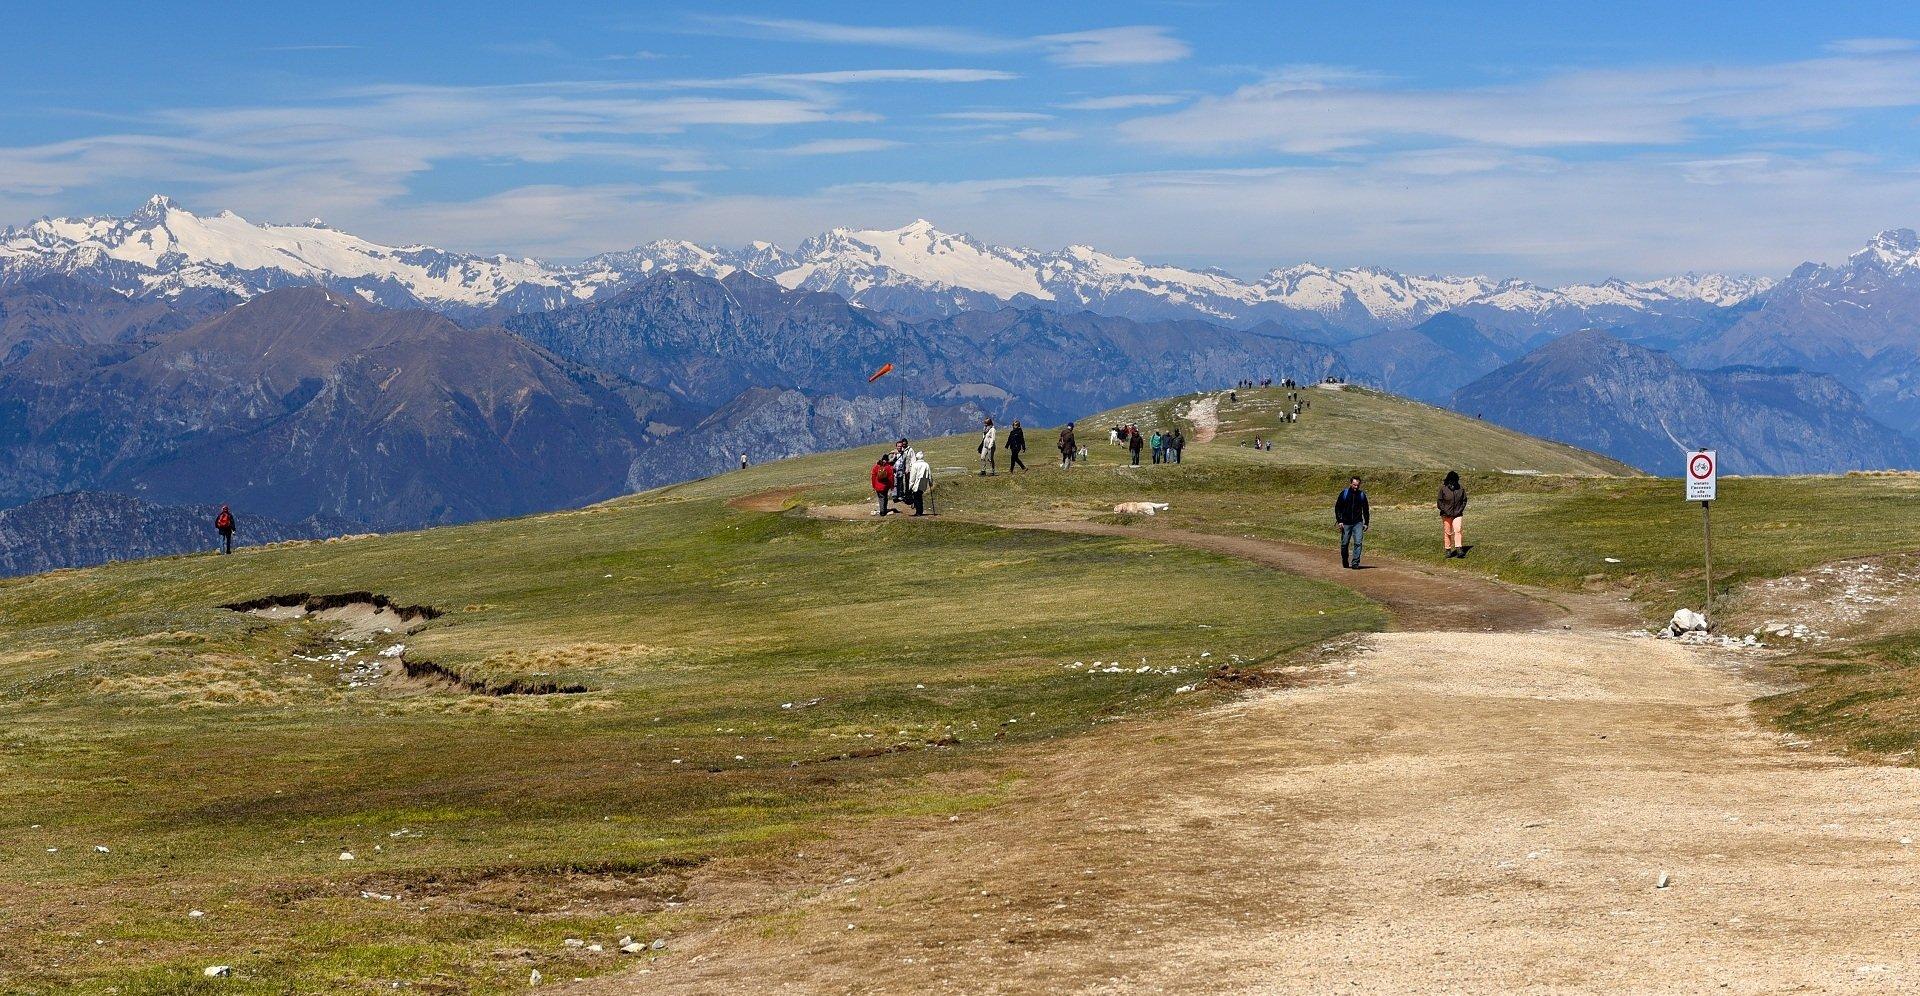 Озеро Гарда маршруты, отдых на Гарда, треккинг в Альпах - путеводитель Garda-Go